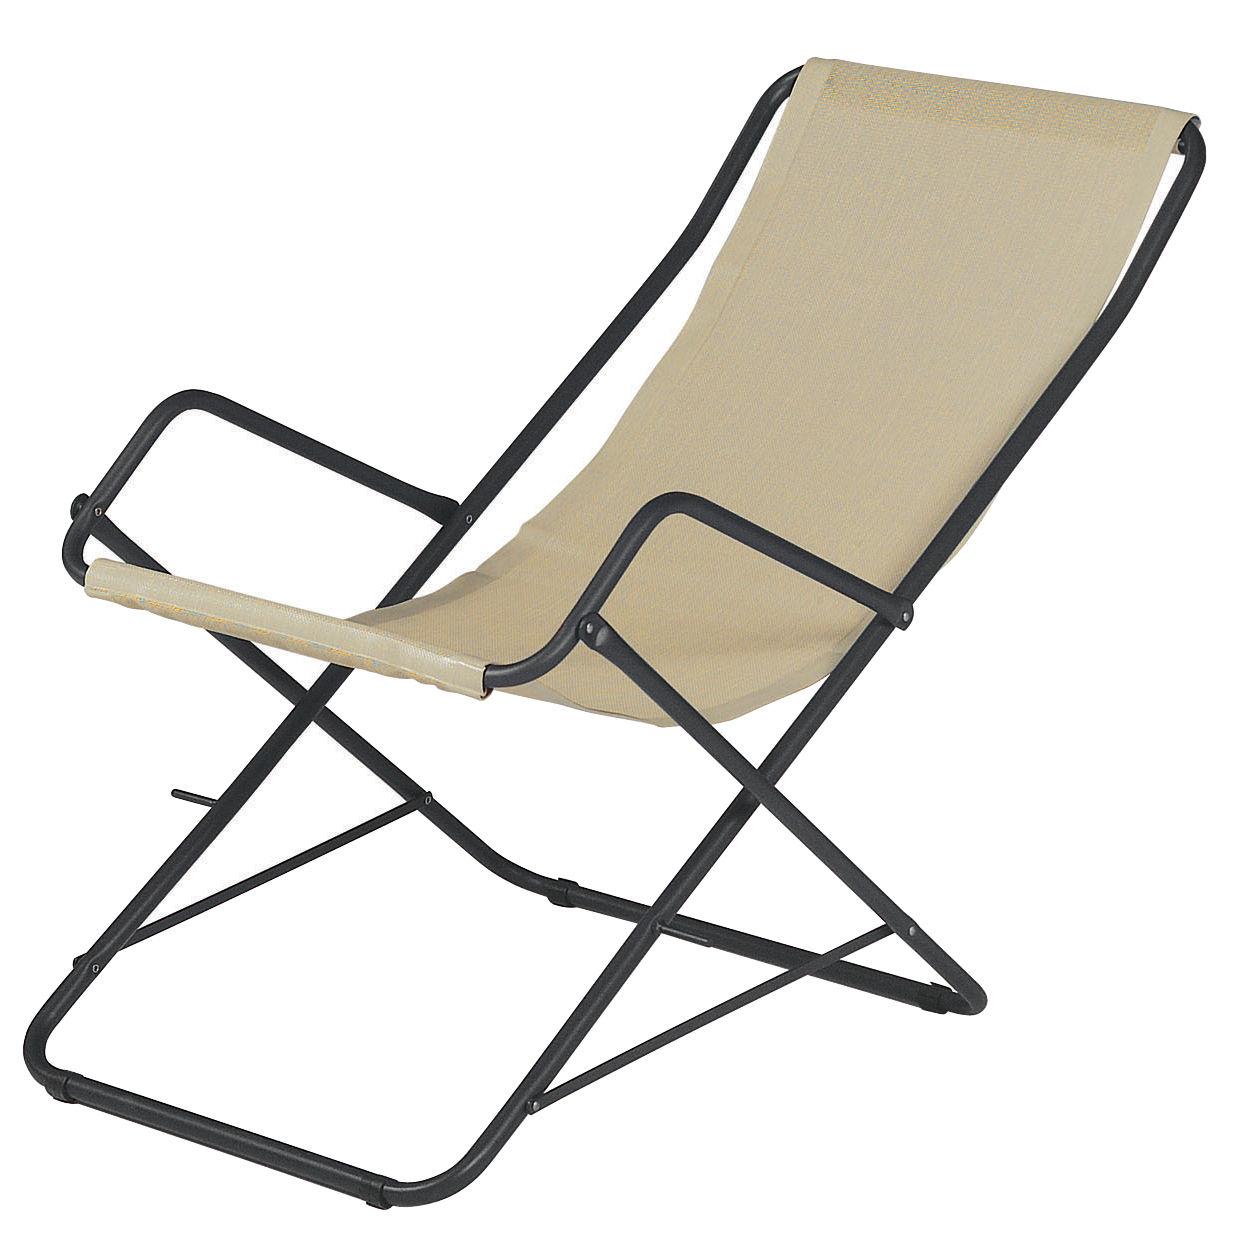 Outdoor - Chaises longues et hamacs - Chaise longue Bahama / Pliable - Emu - Beige / Structure fer ancien - Acier verni, Toile